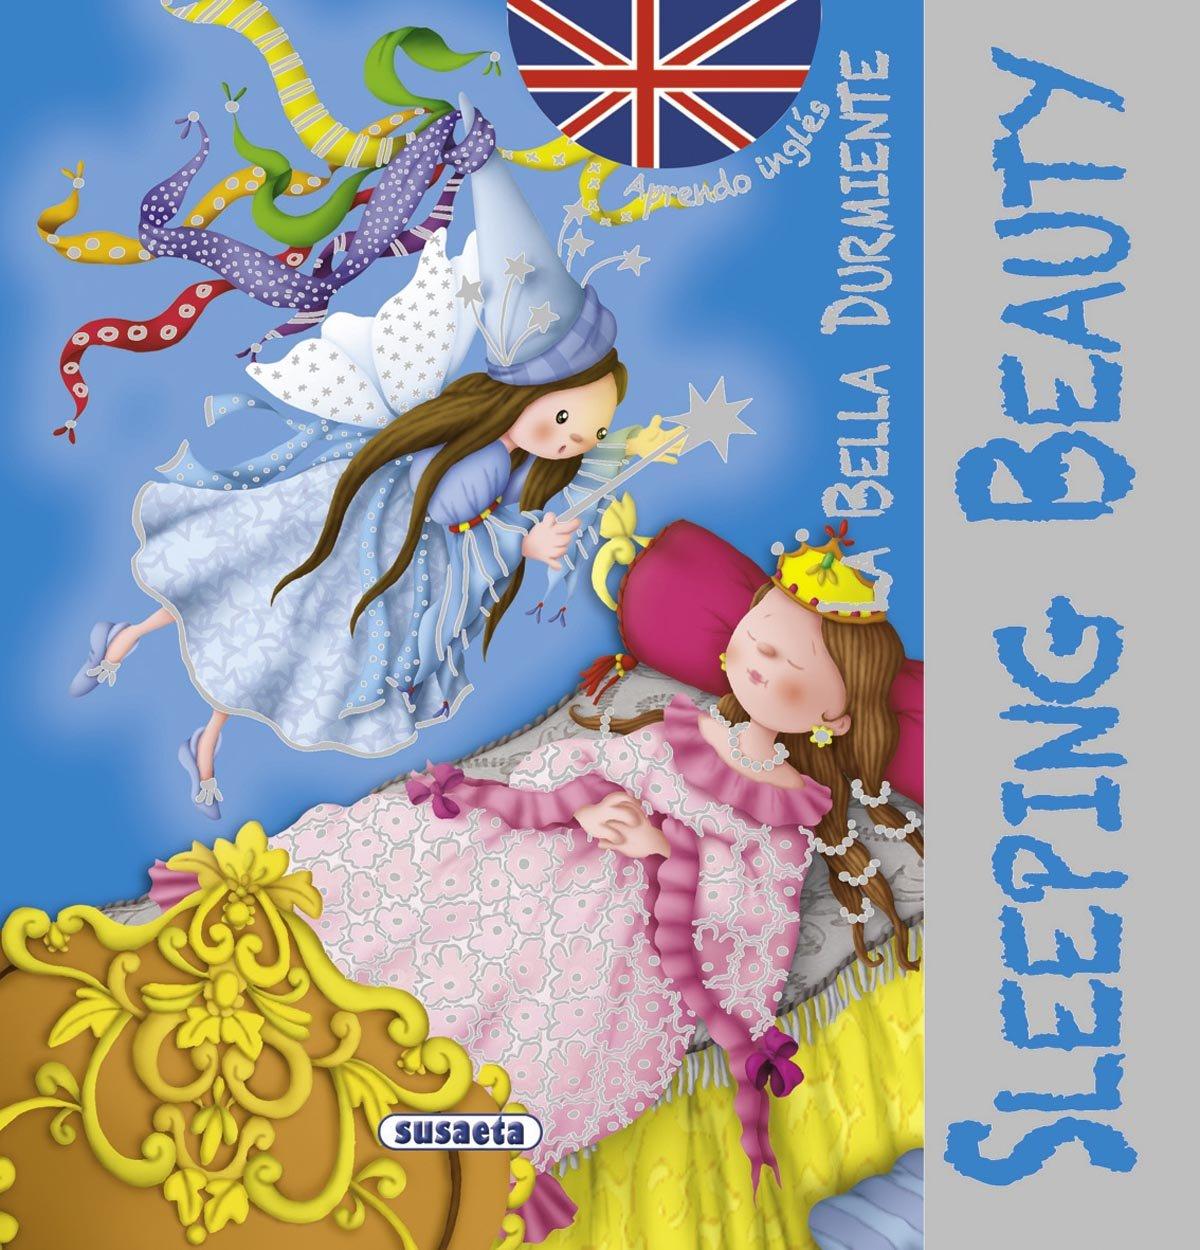 Sleeping Beauty / La bella durmiente (Clásicos en inglés) (Spanish and English  Edition): S. A. Susaeta Ediciones: 9788467718706: Amazon.com: Books